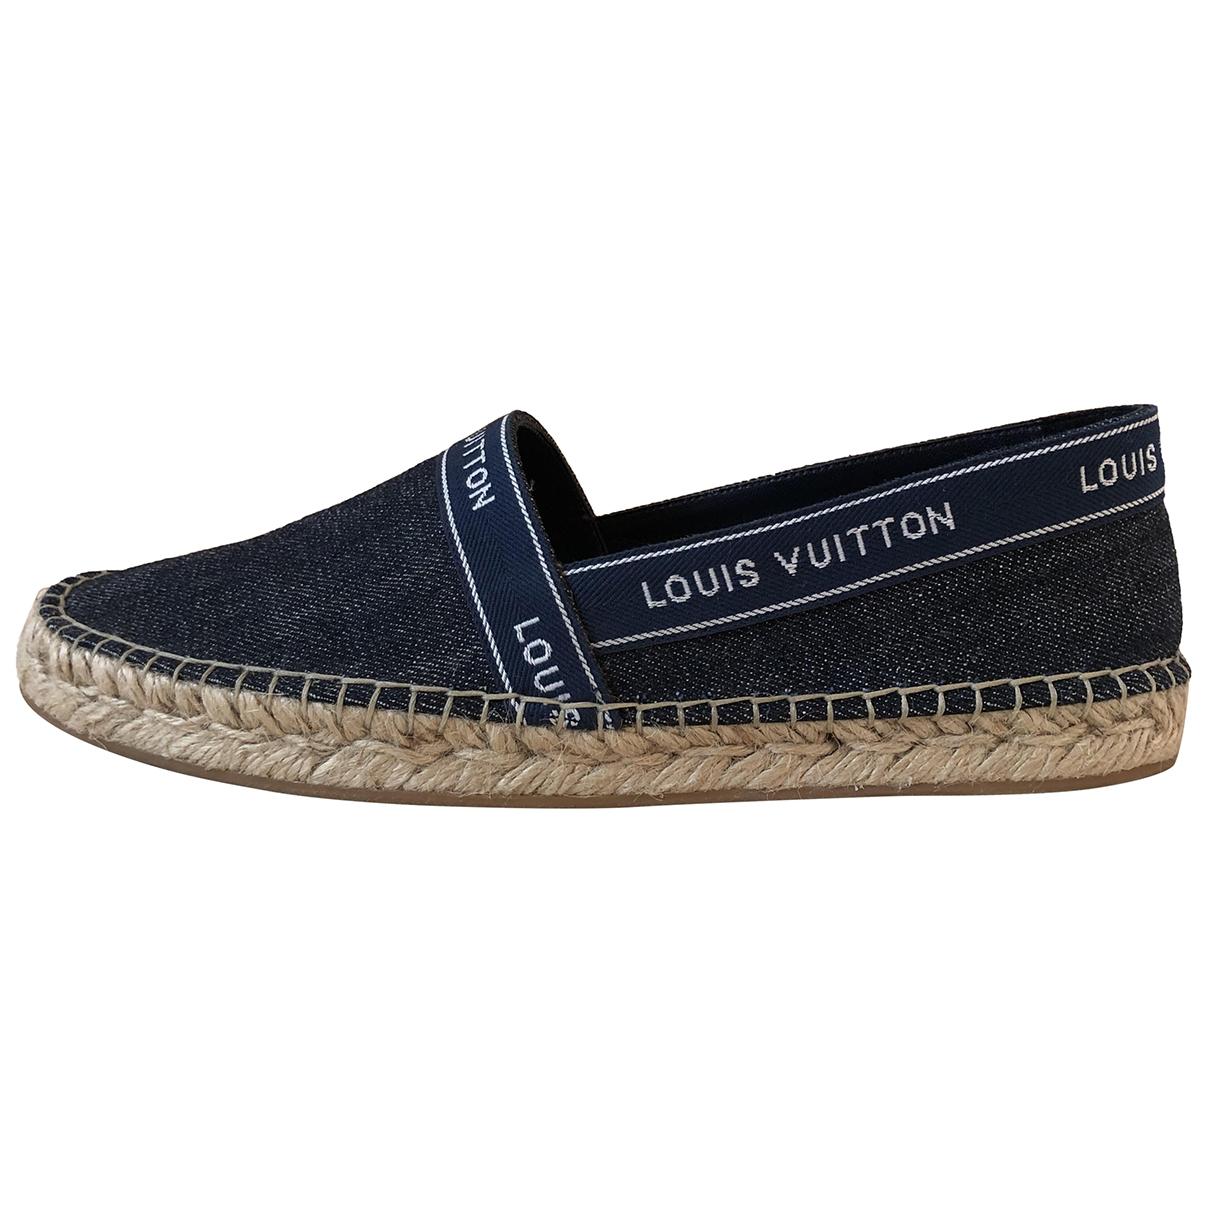 Louis Vuitton - Espadrilles   pour femme en toile - marine